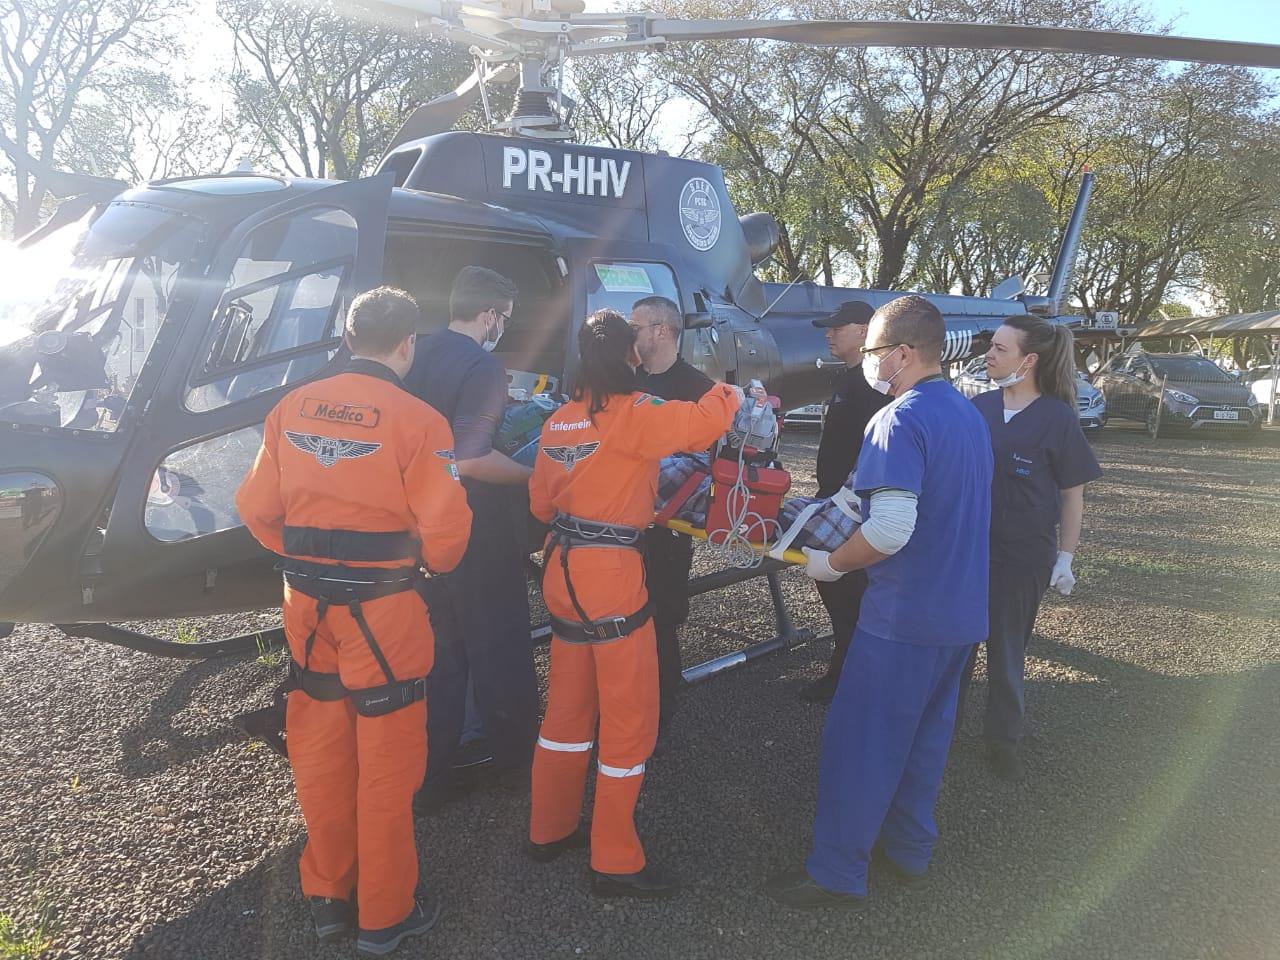 Jovem sofre ferimentos graves em colisão de moto e caminhão